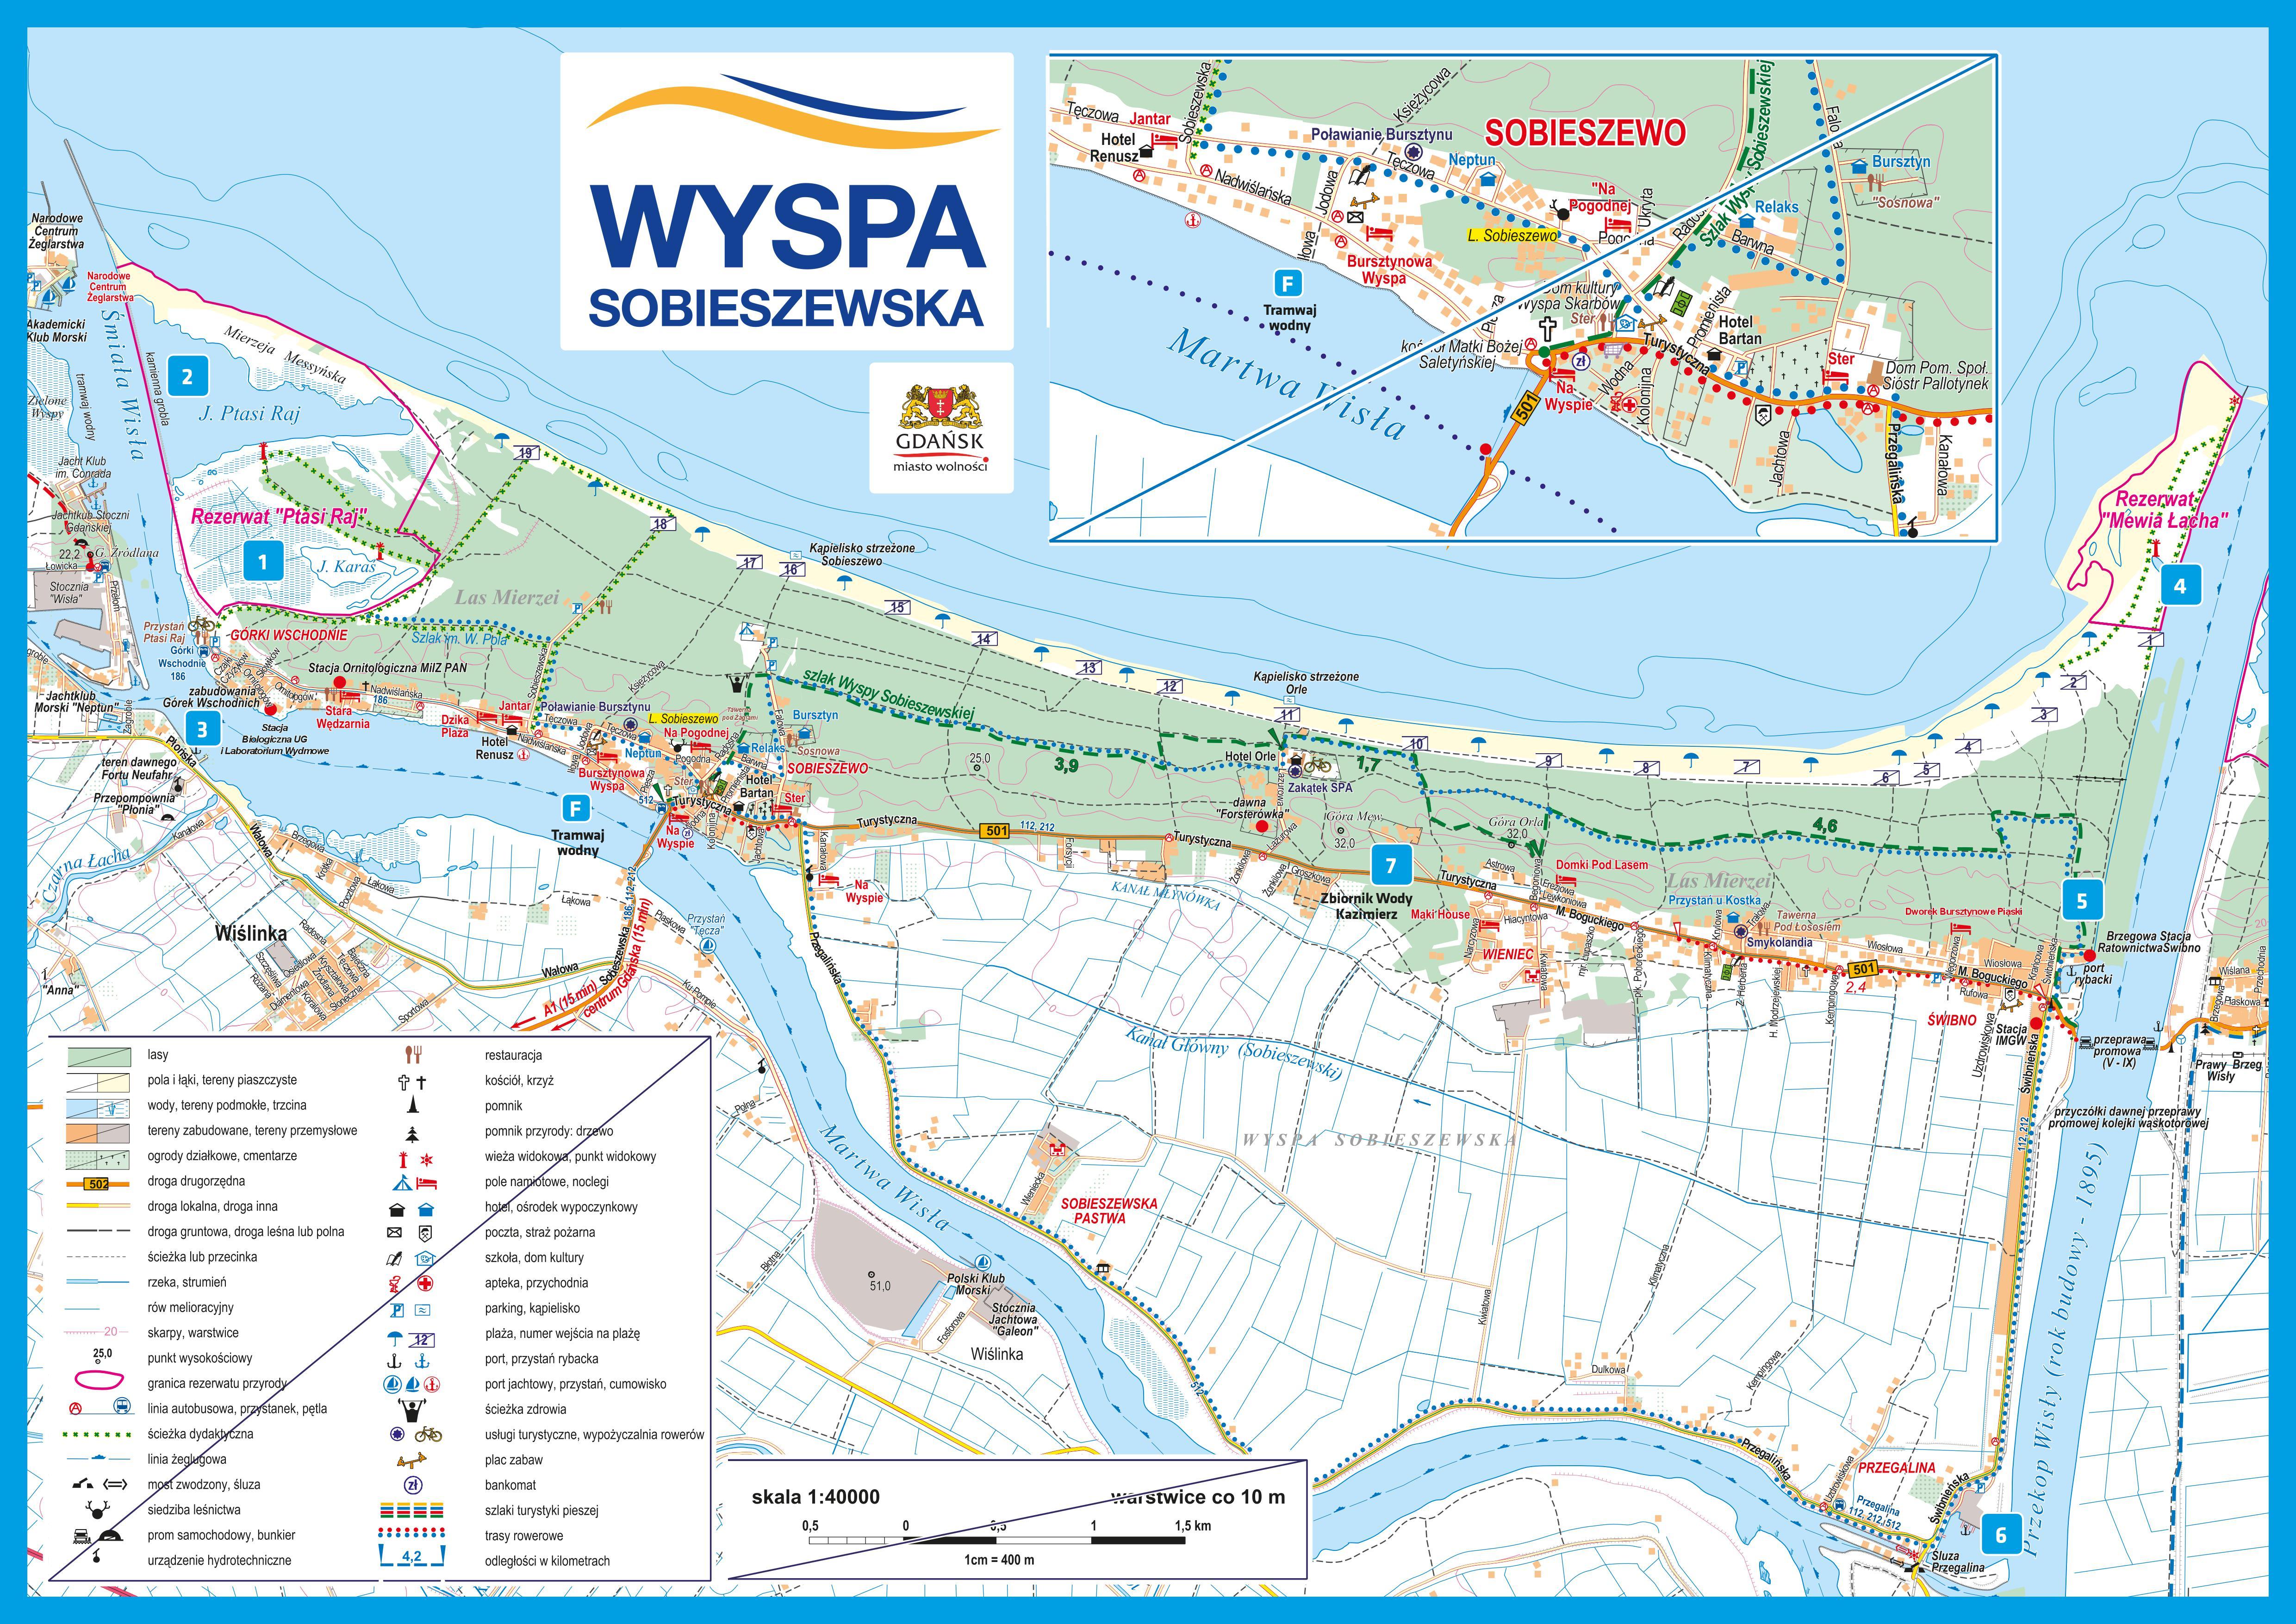 Mapa Sobieszewo - Wyspa Sobieszewska